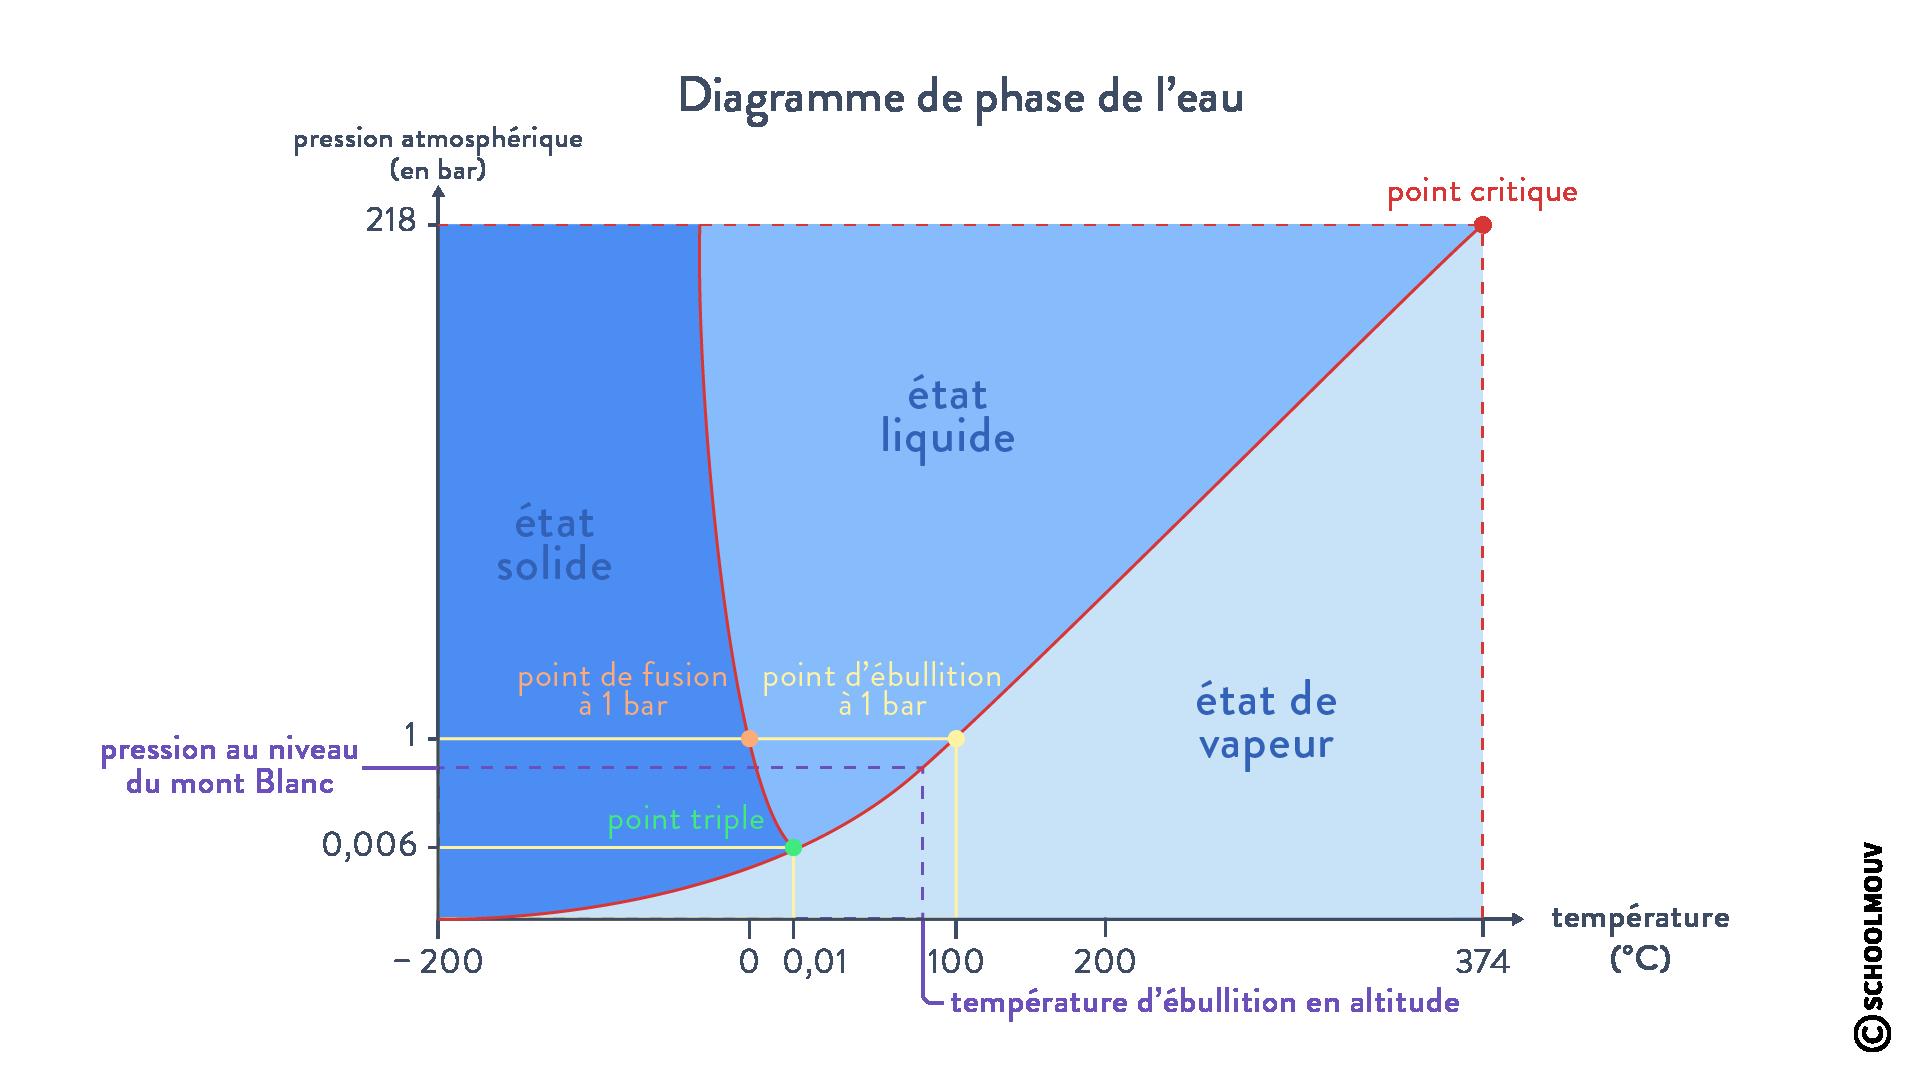 Diagramme de phase de l'eau